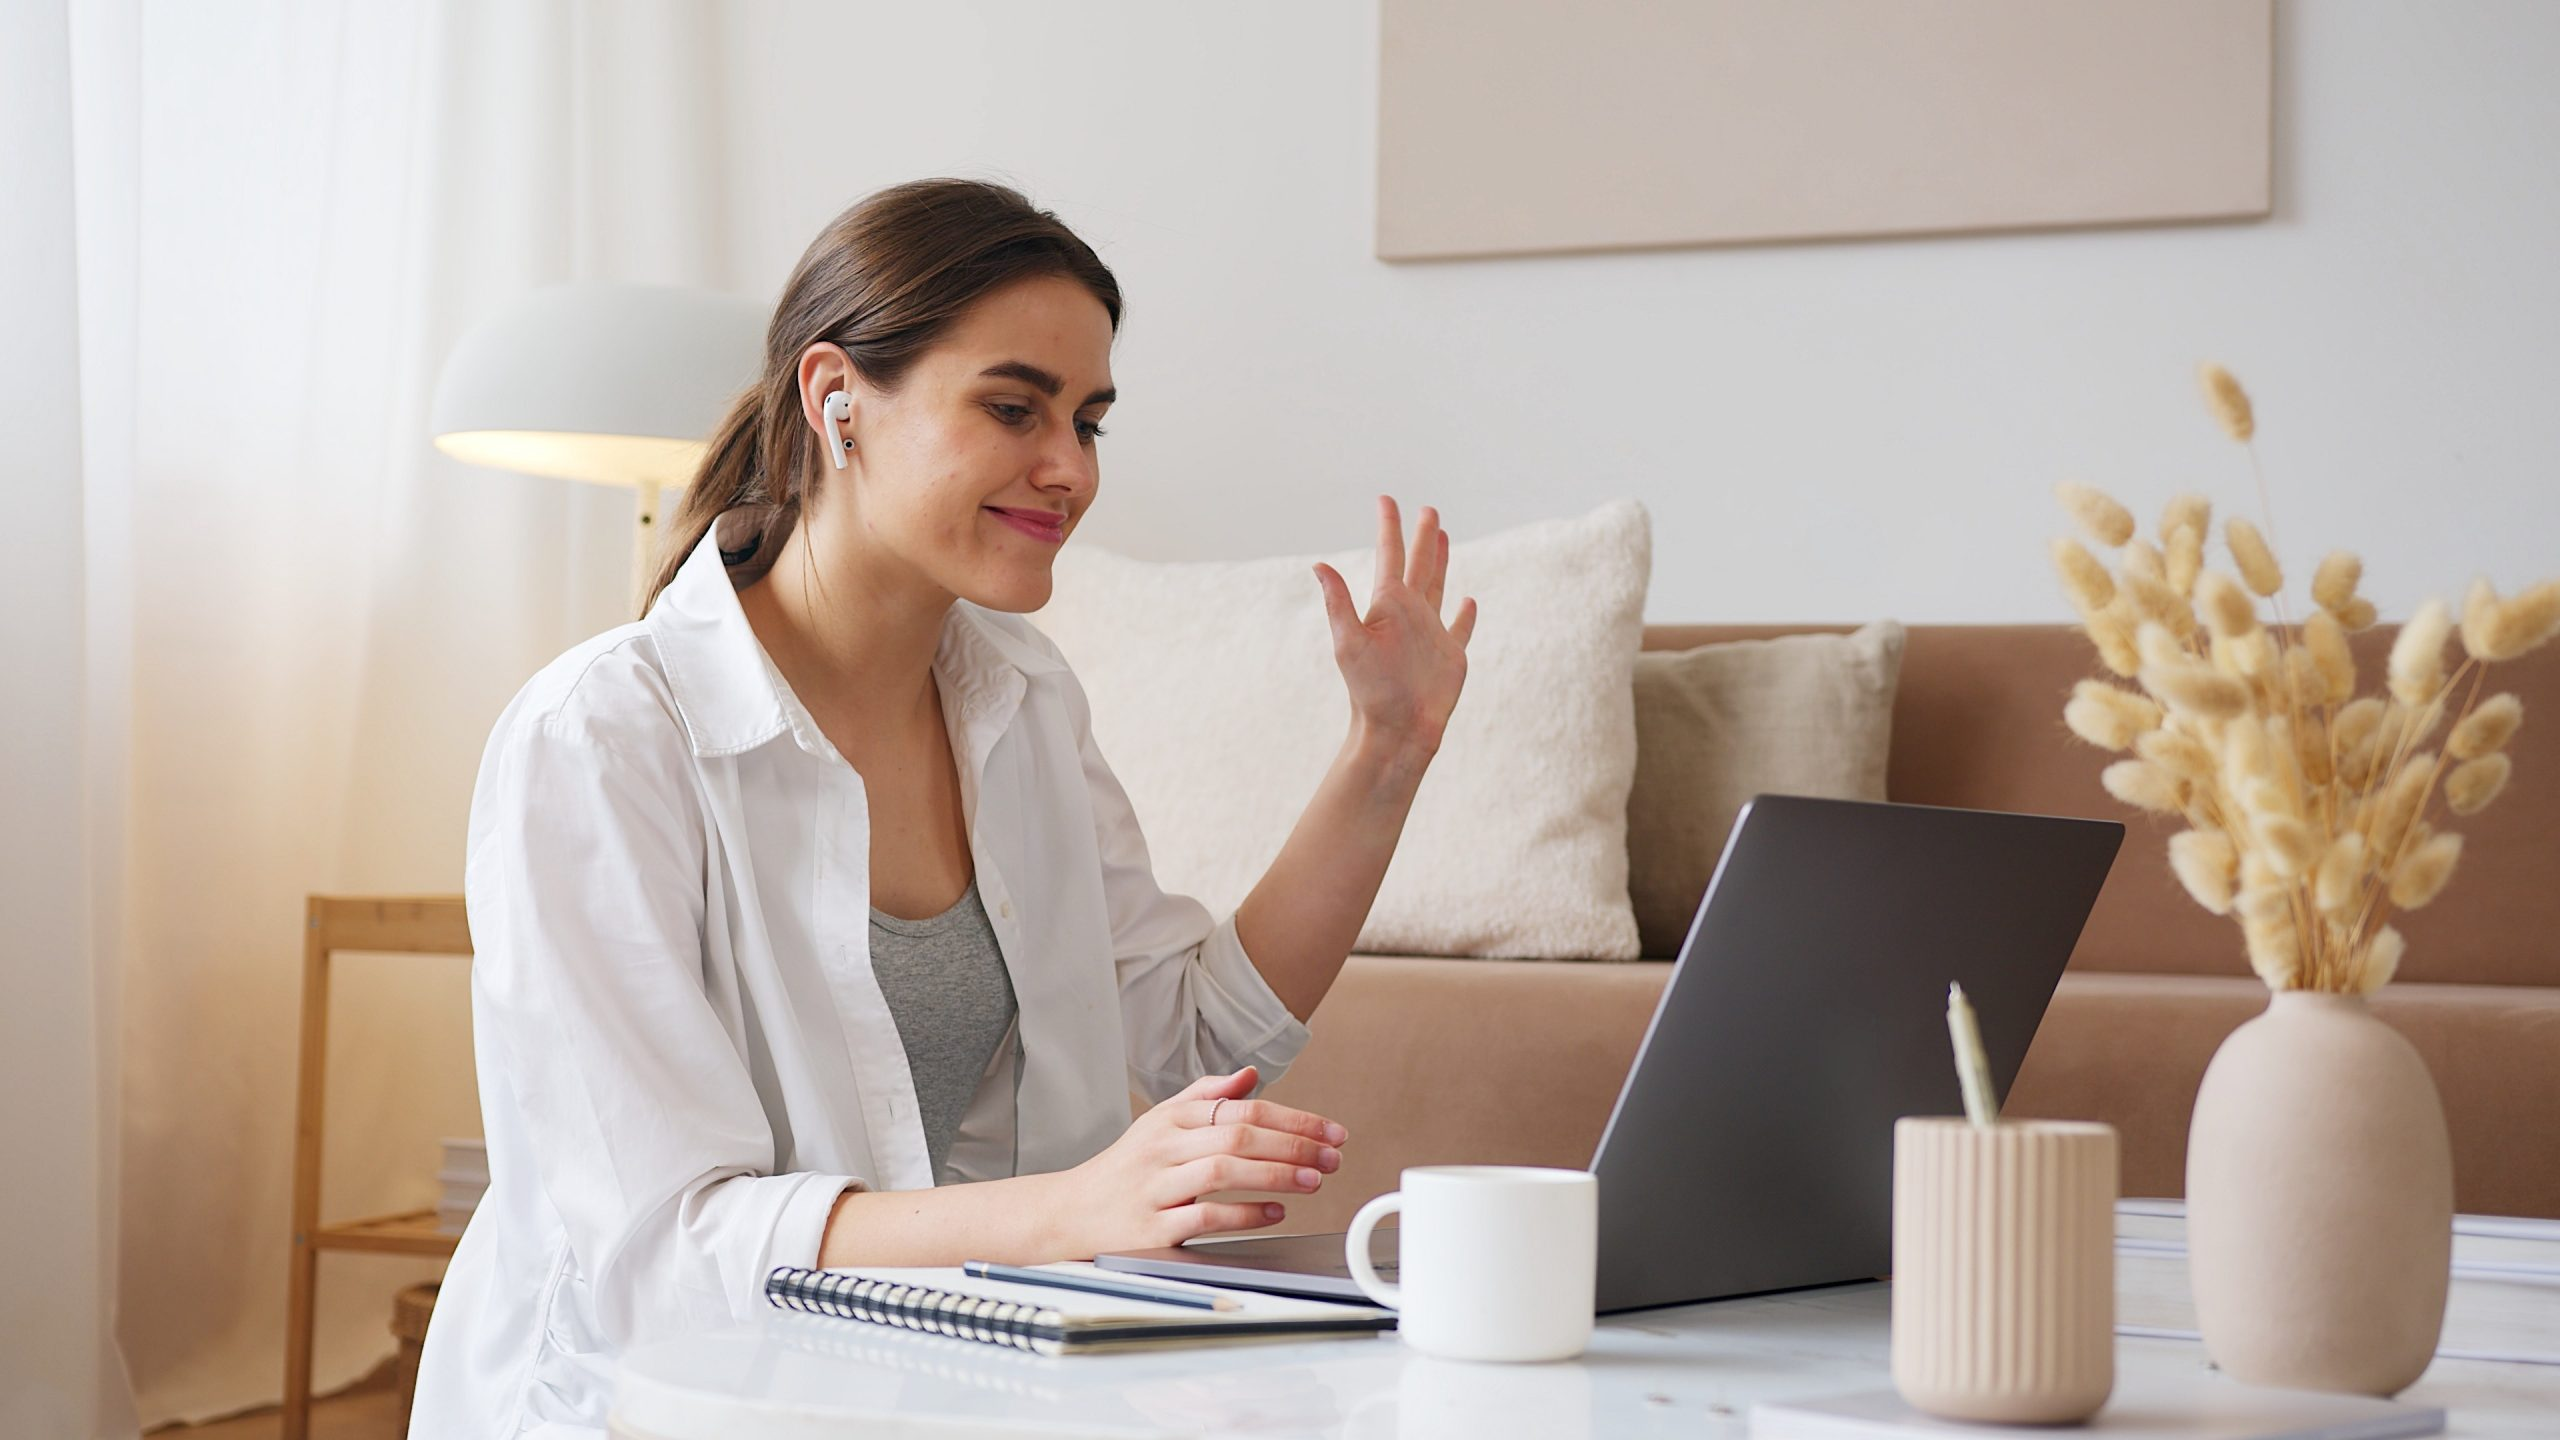 femme-souriante-devant-son-ordinateur-avec-un-carnet-de-notes